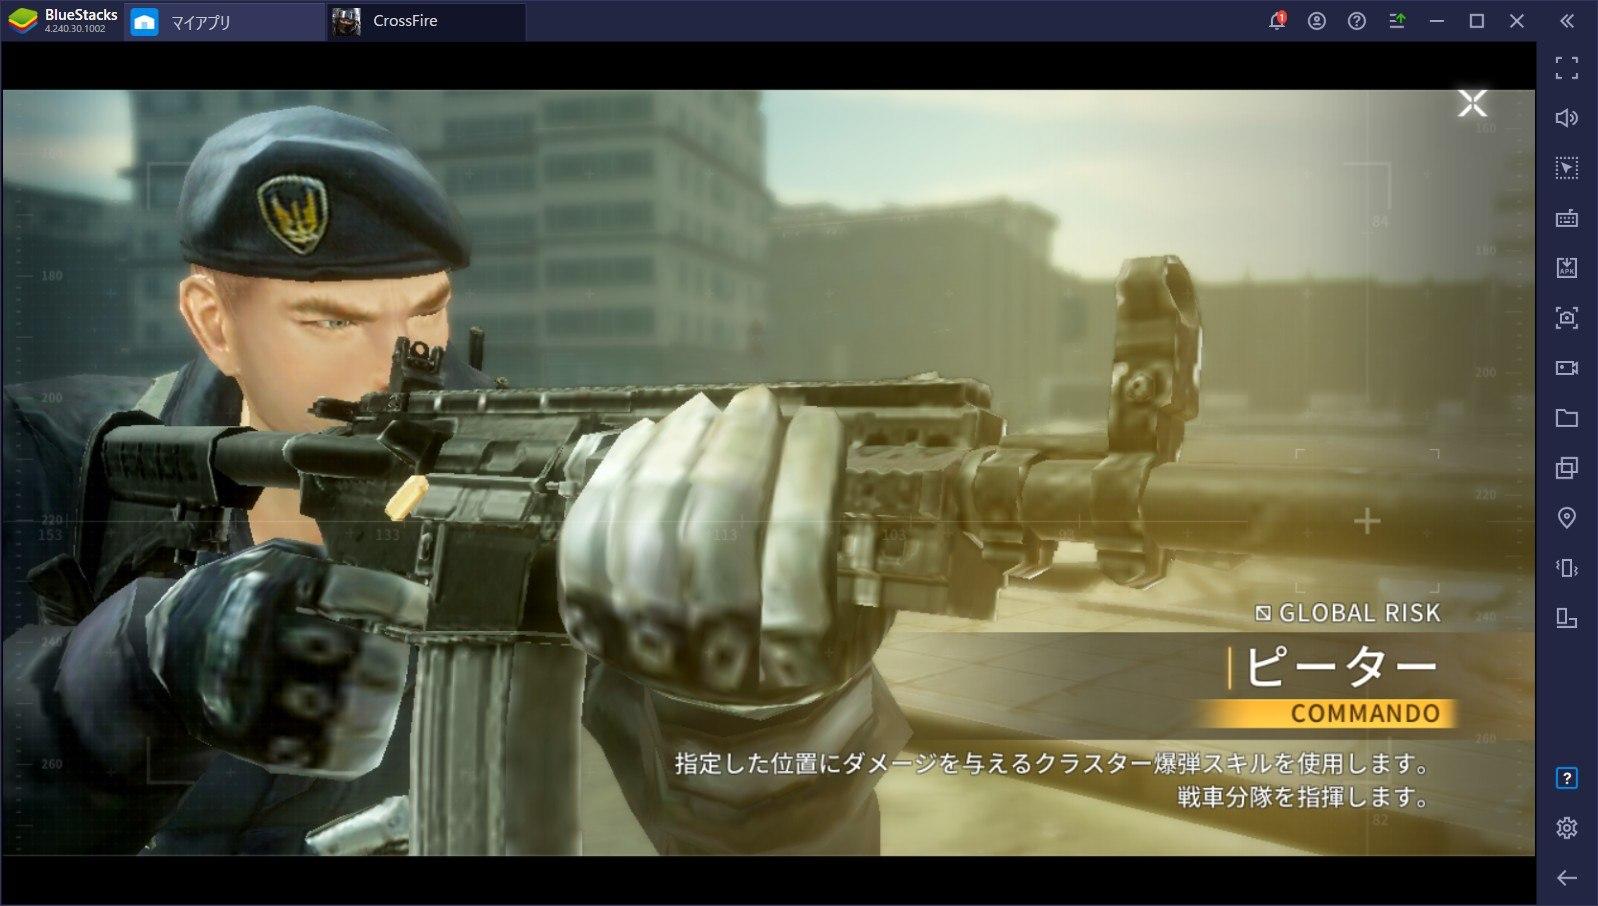 BlueStacksを使ってPCで『CrossFire: Warzone』を遊ぼう